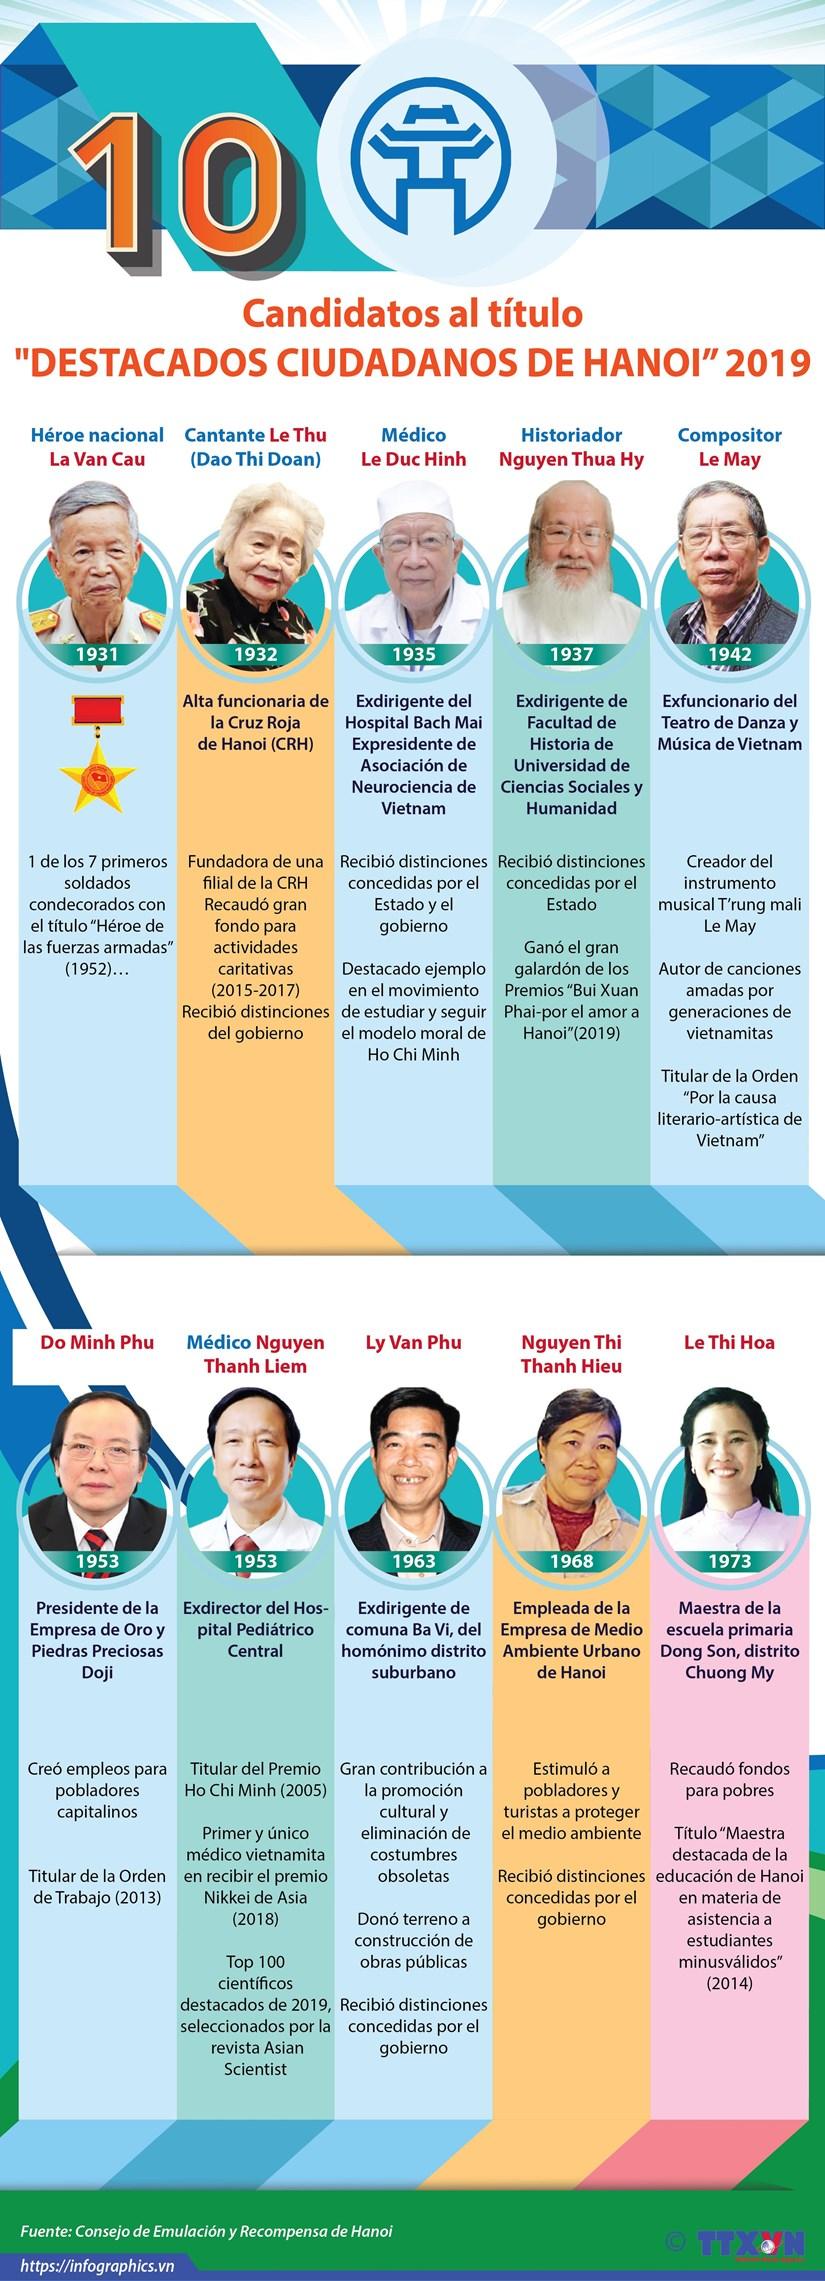 """[Infografia] Los 10 candidatos al titulo """"Destacados ciudadanos de Hanoi"""" en 2019 hinh anh 1"""